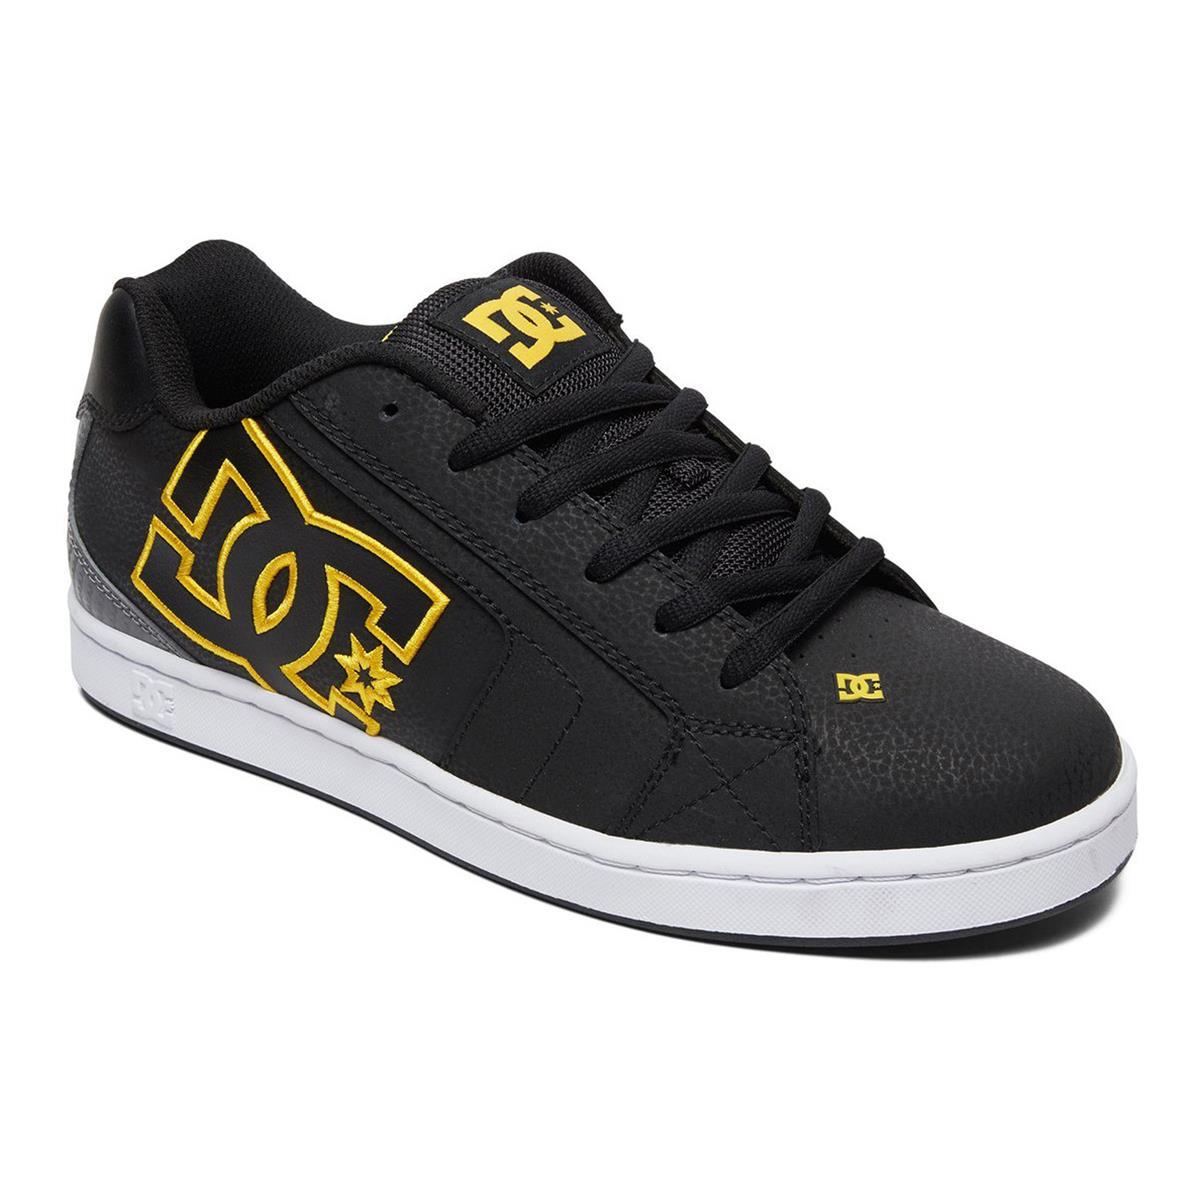 DC Schuhe Net Schwarz/Gold